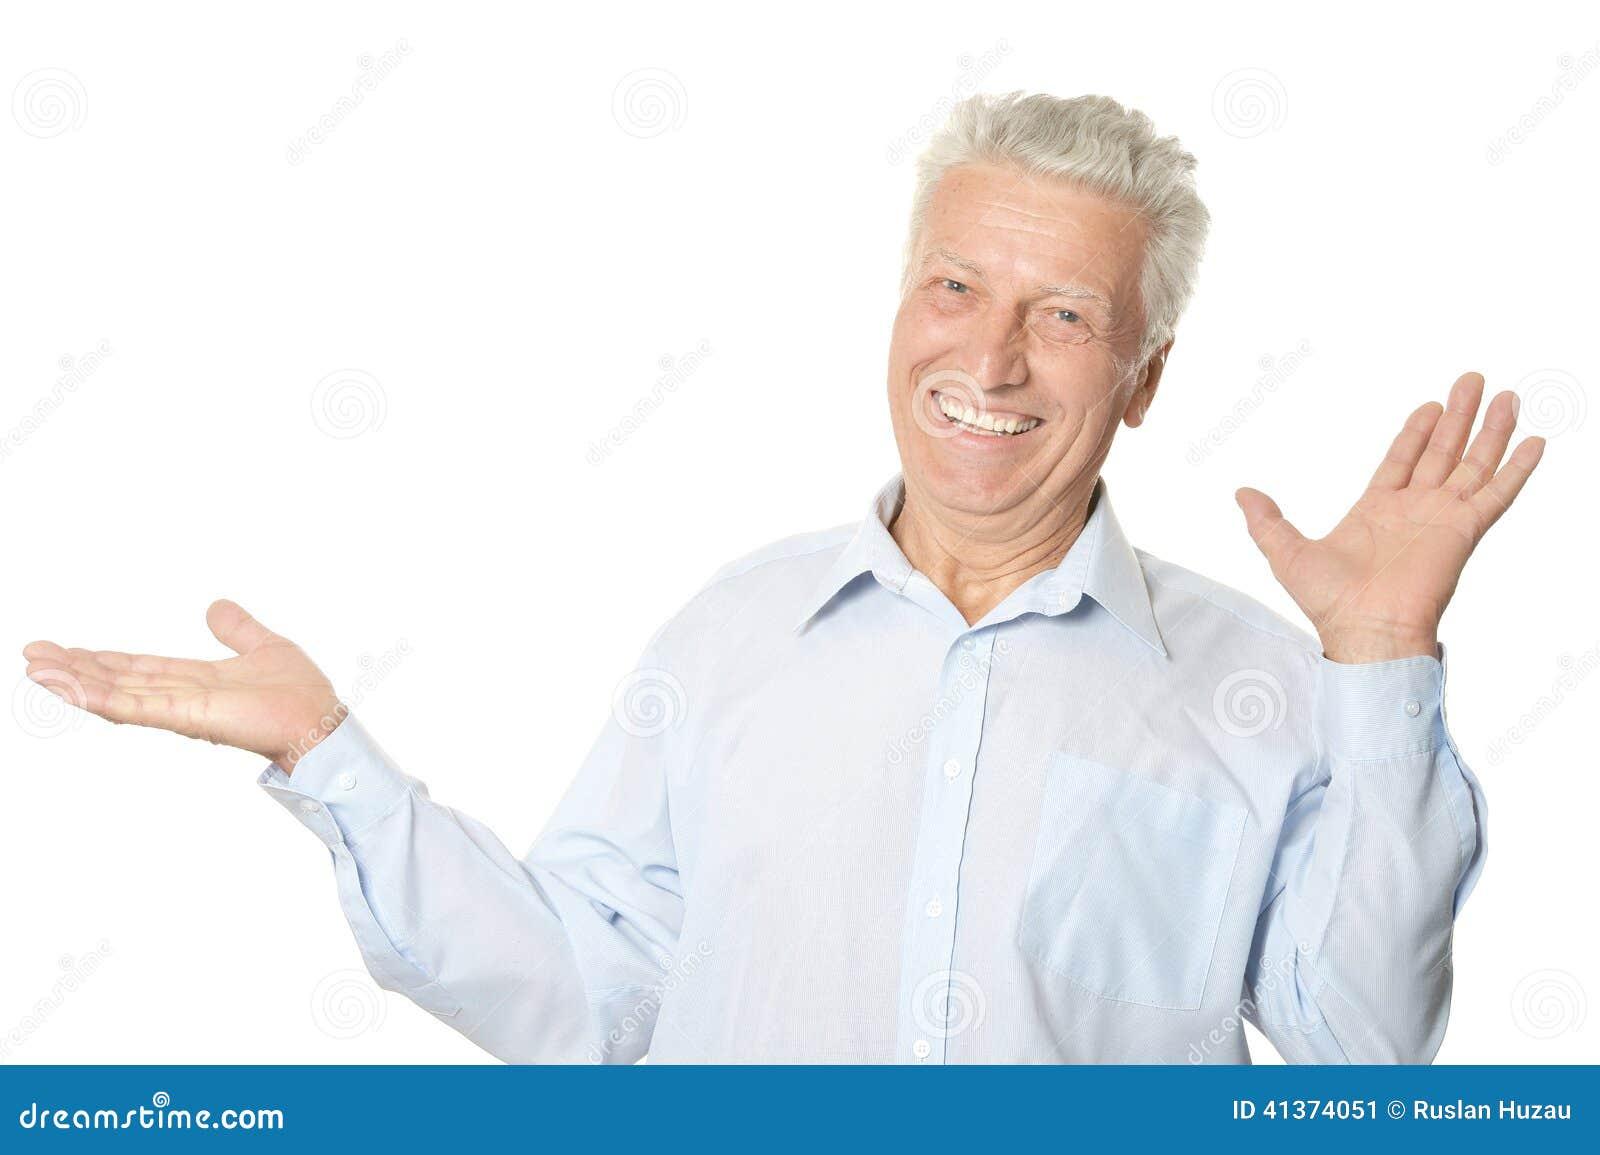 happy-senior-man-holding-something-isola